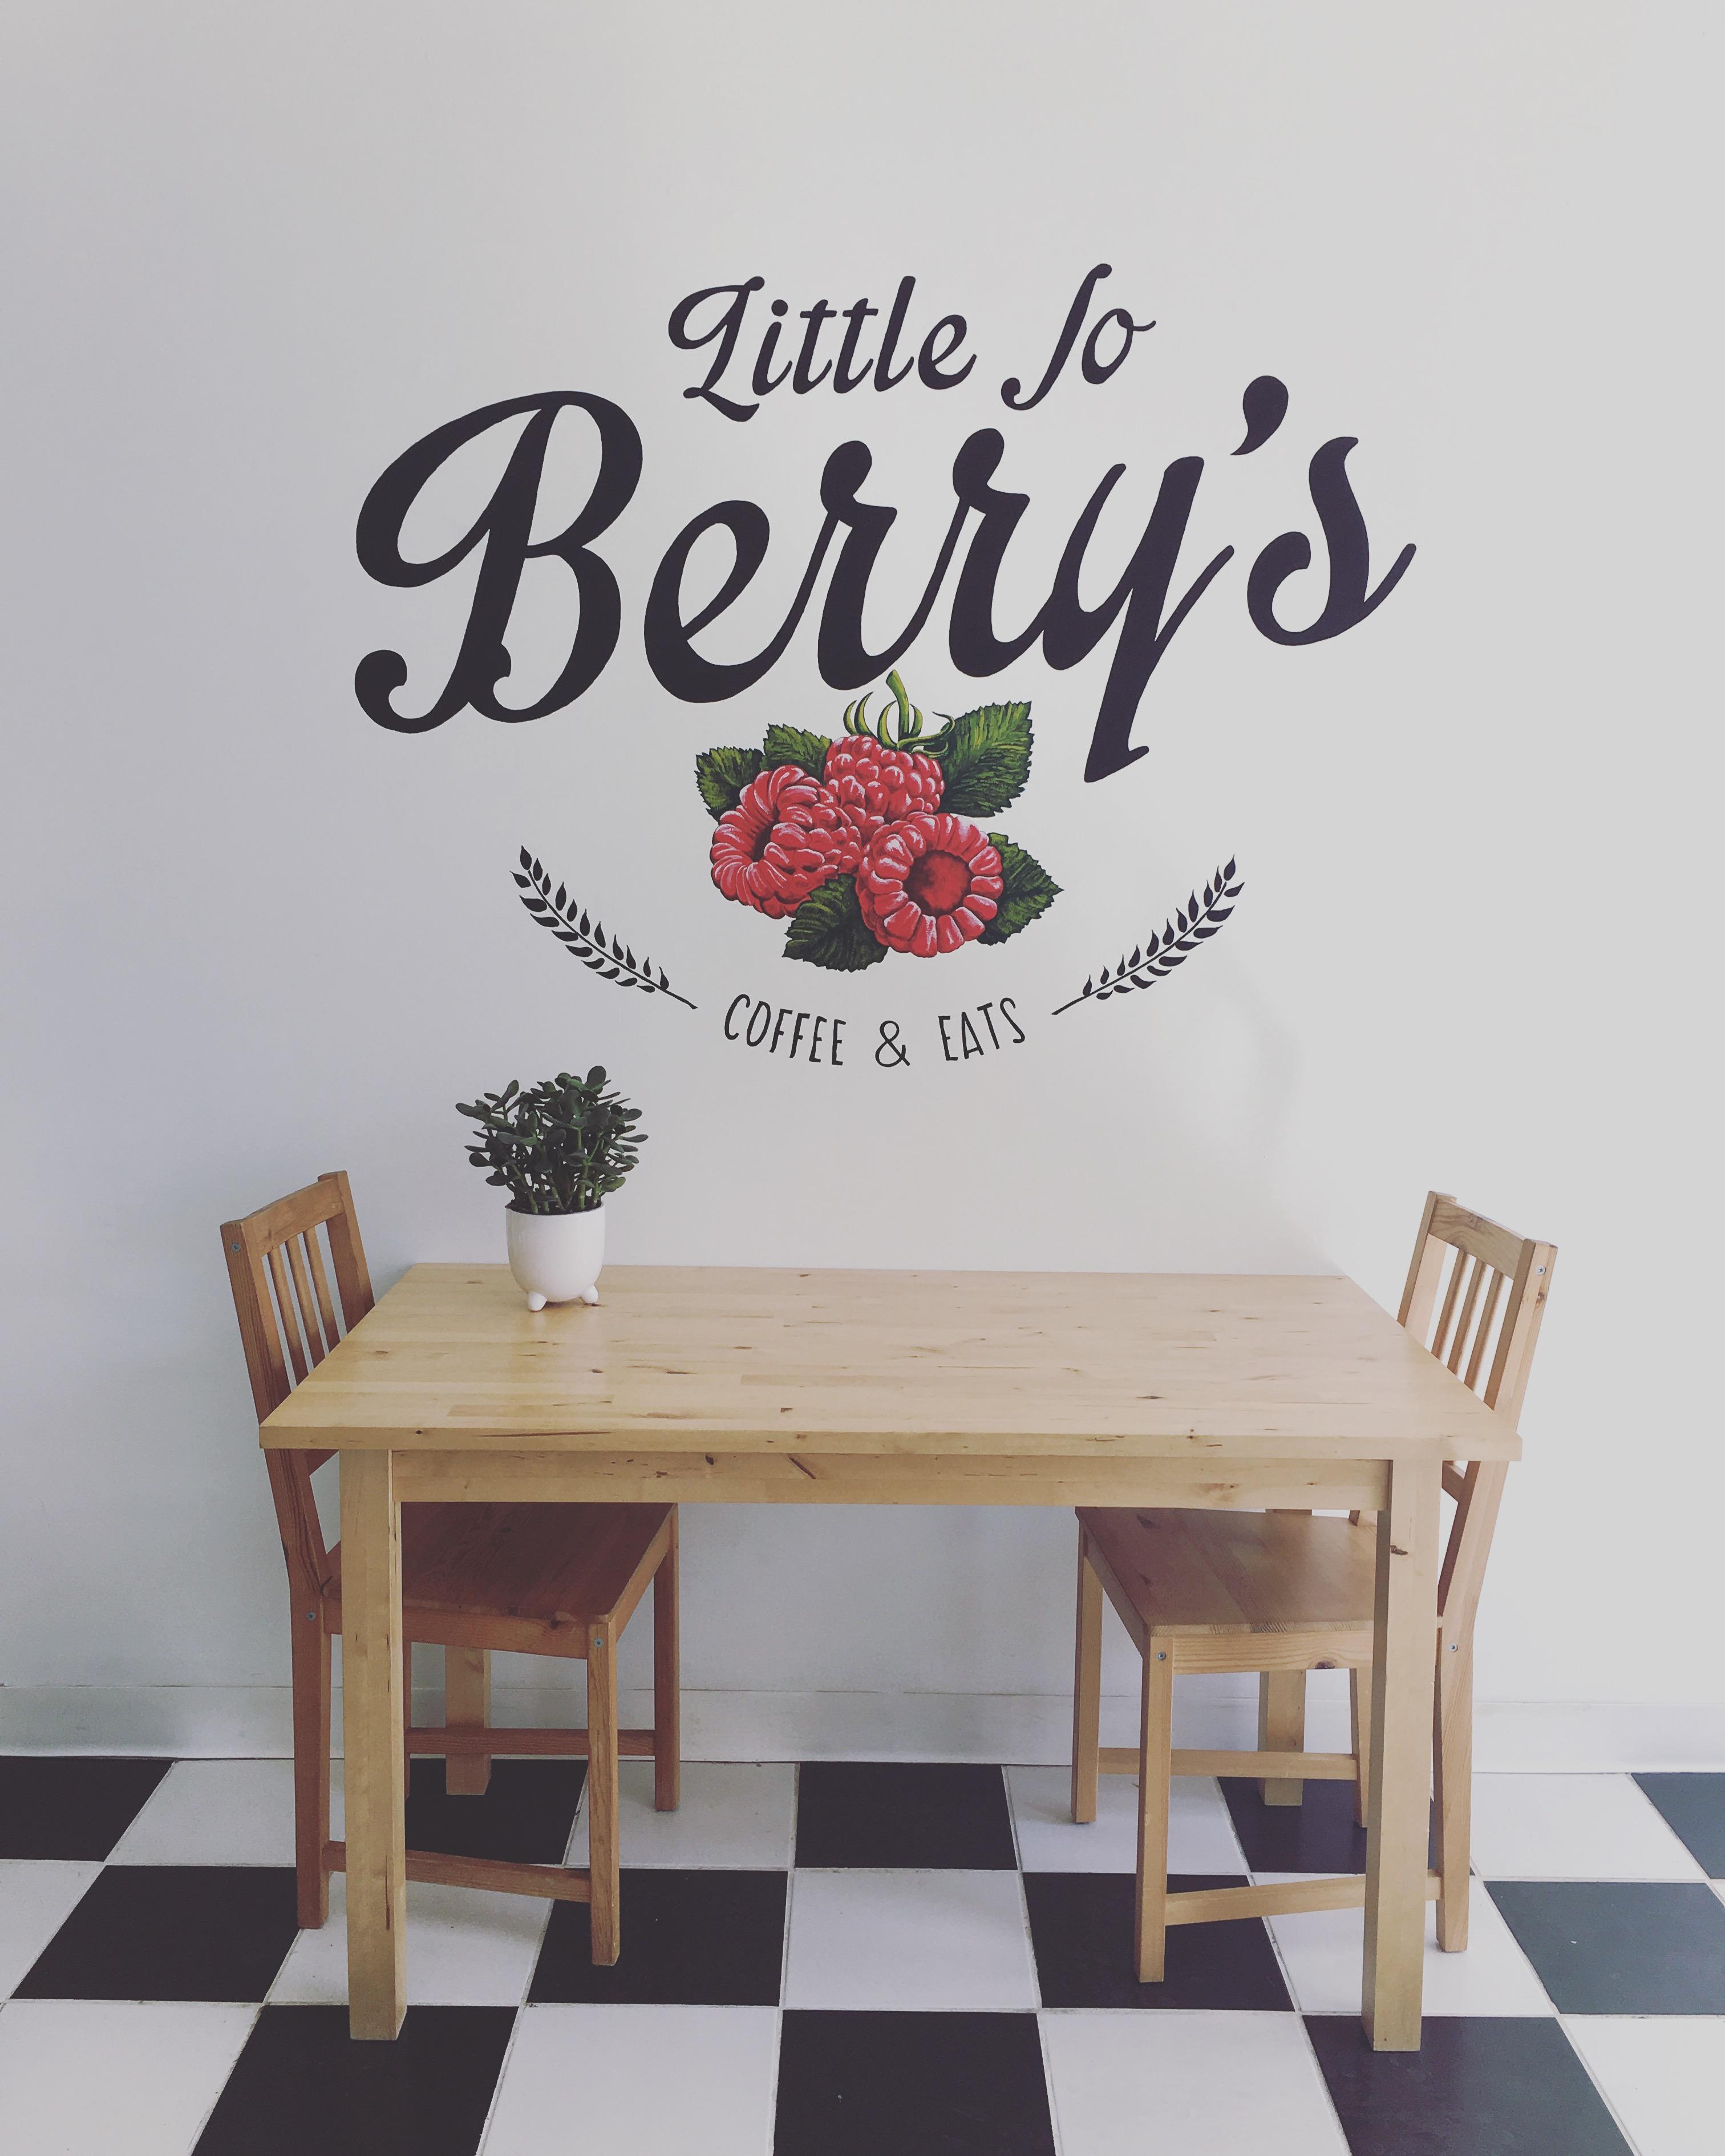 little-jo-berrys